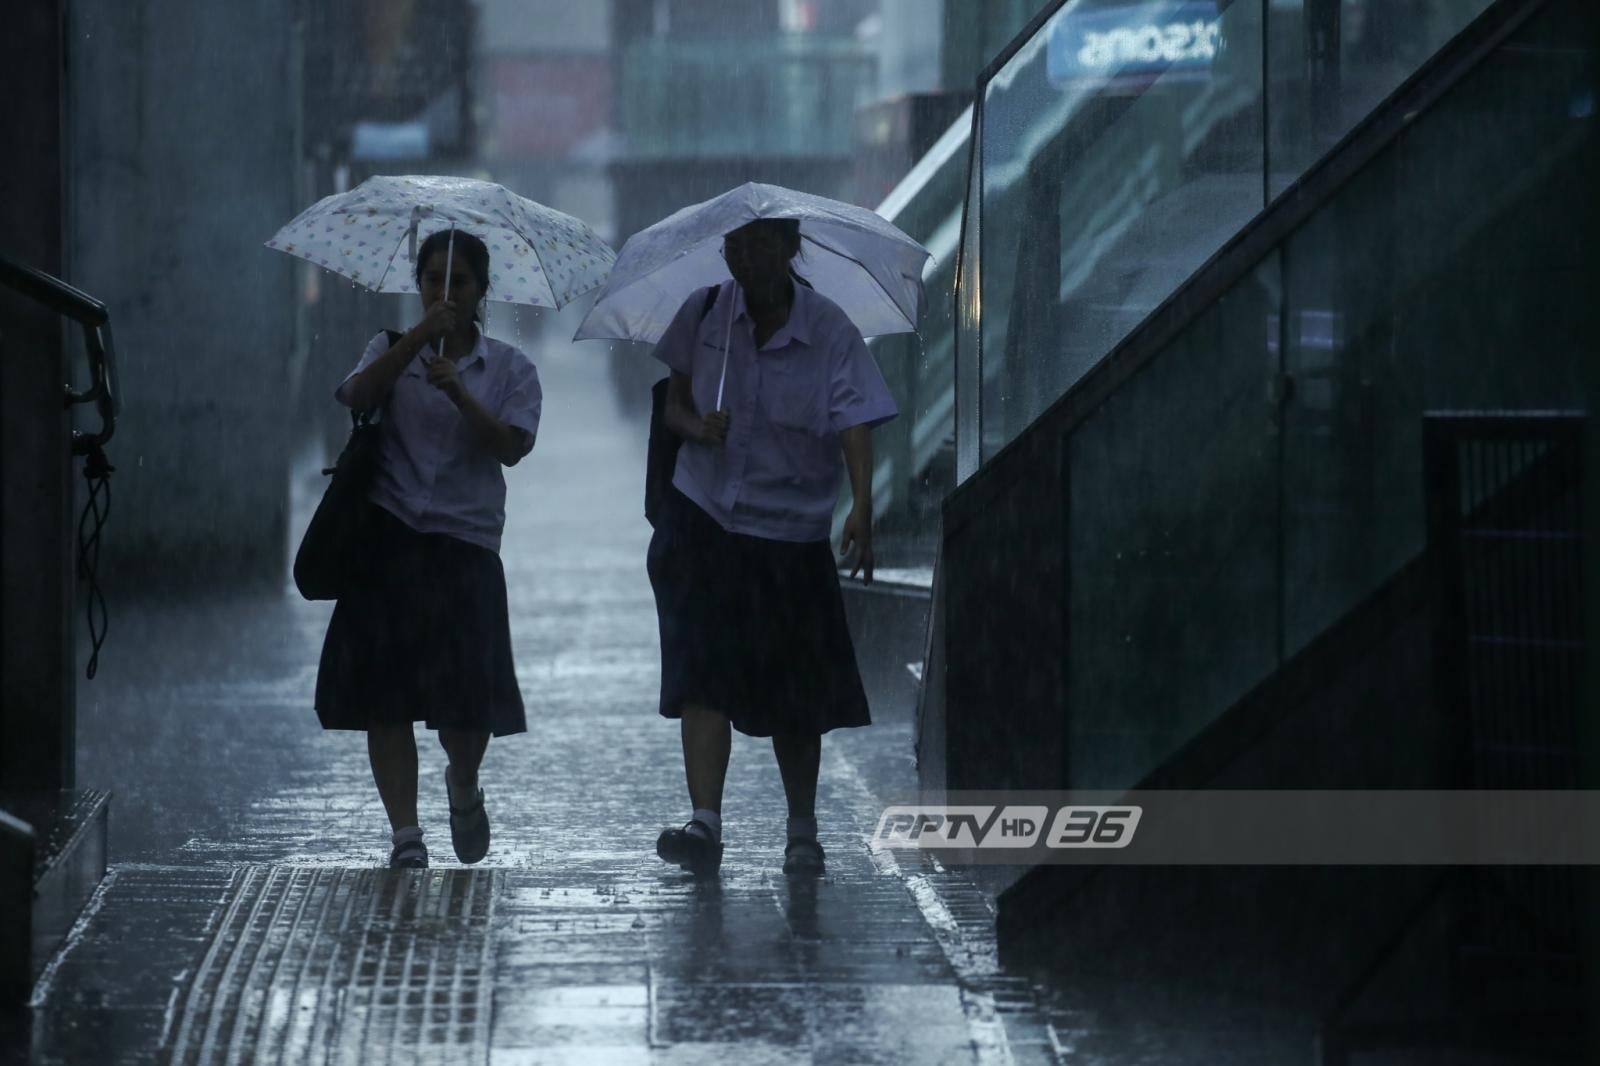 มาแล้ว ฝน!! ถล่มกรุงเทพฯ หลังเลิกงาน